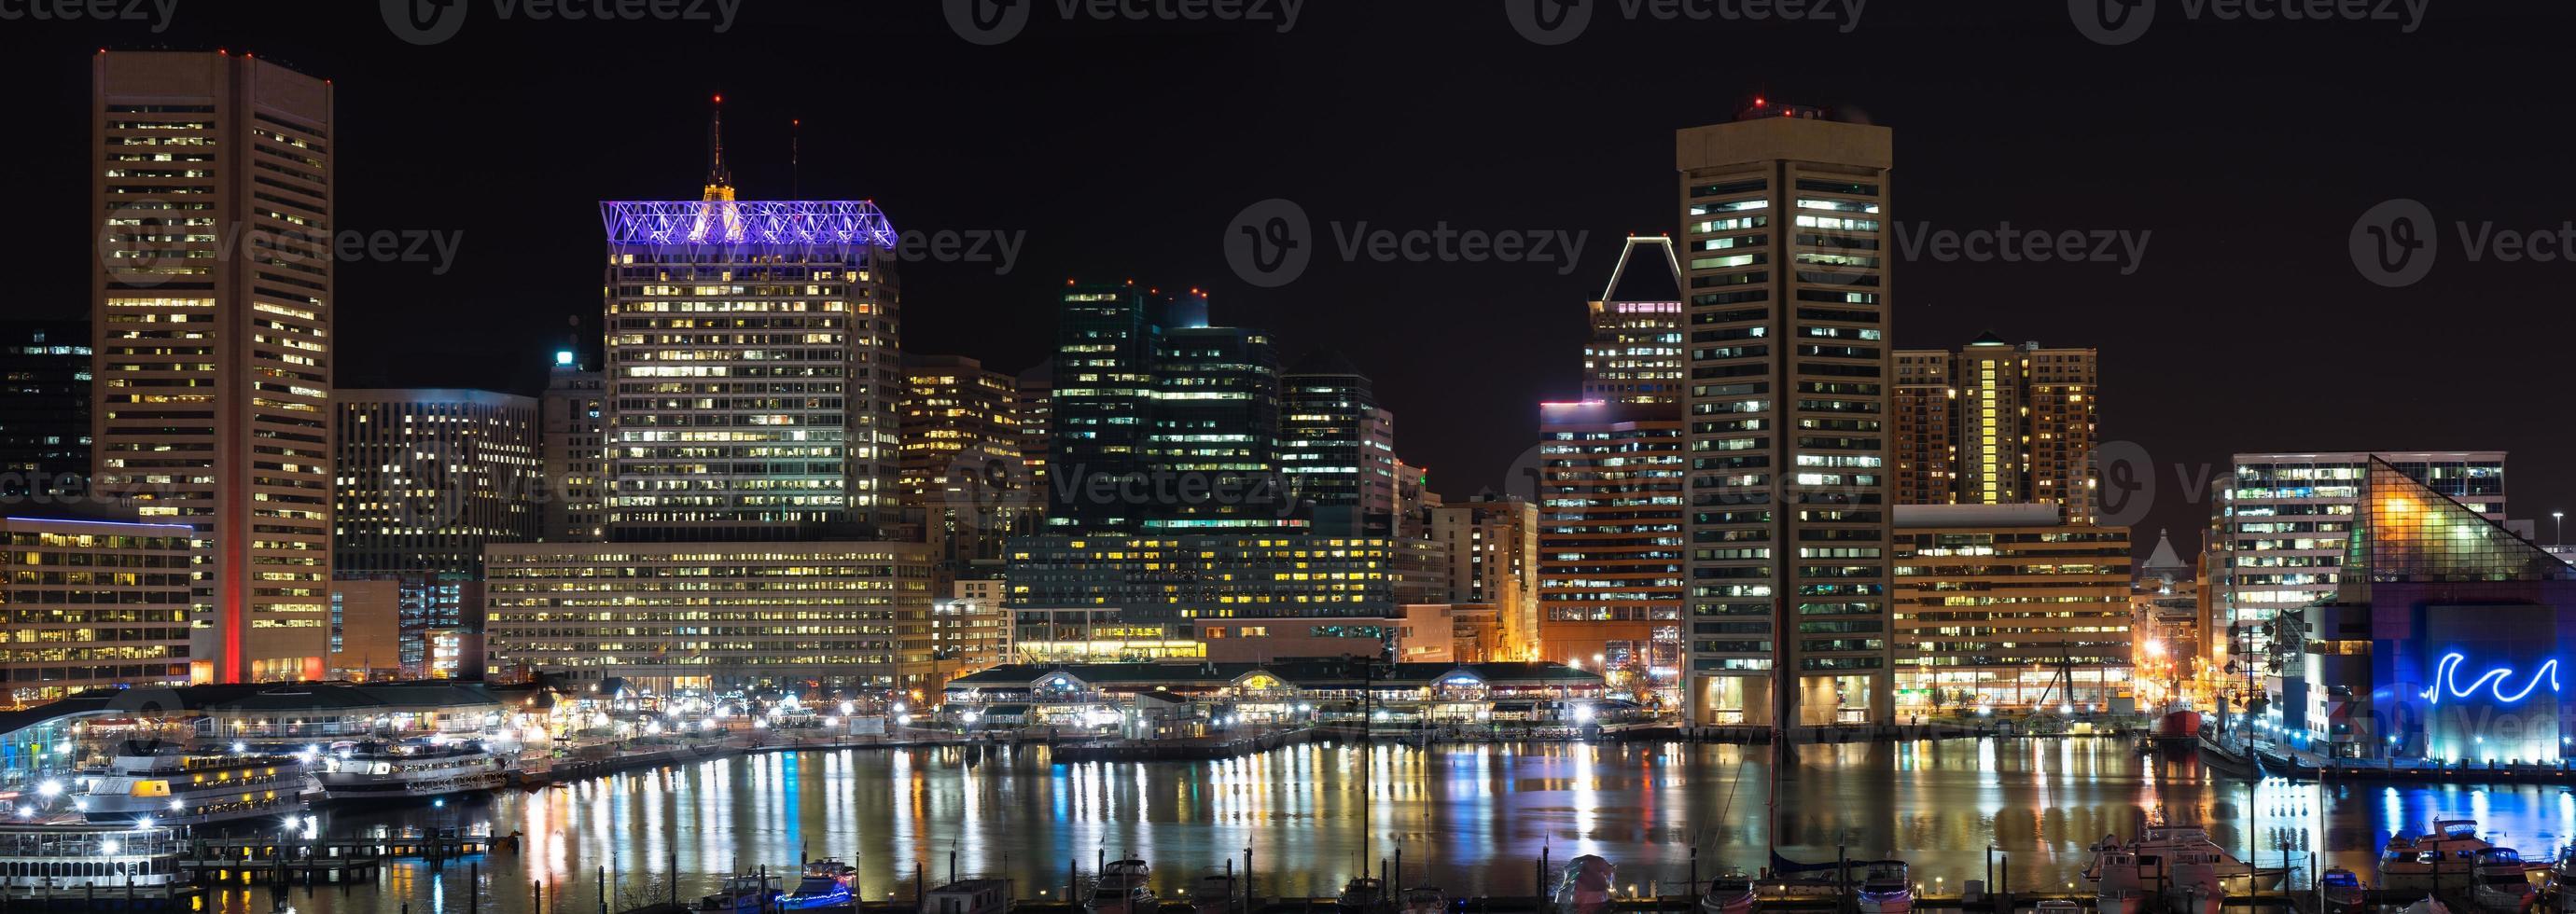 Nachtlandschaft des inneren Hafens von Baltimore foto